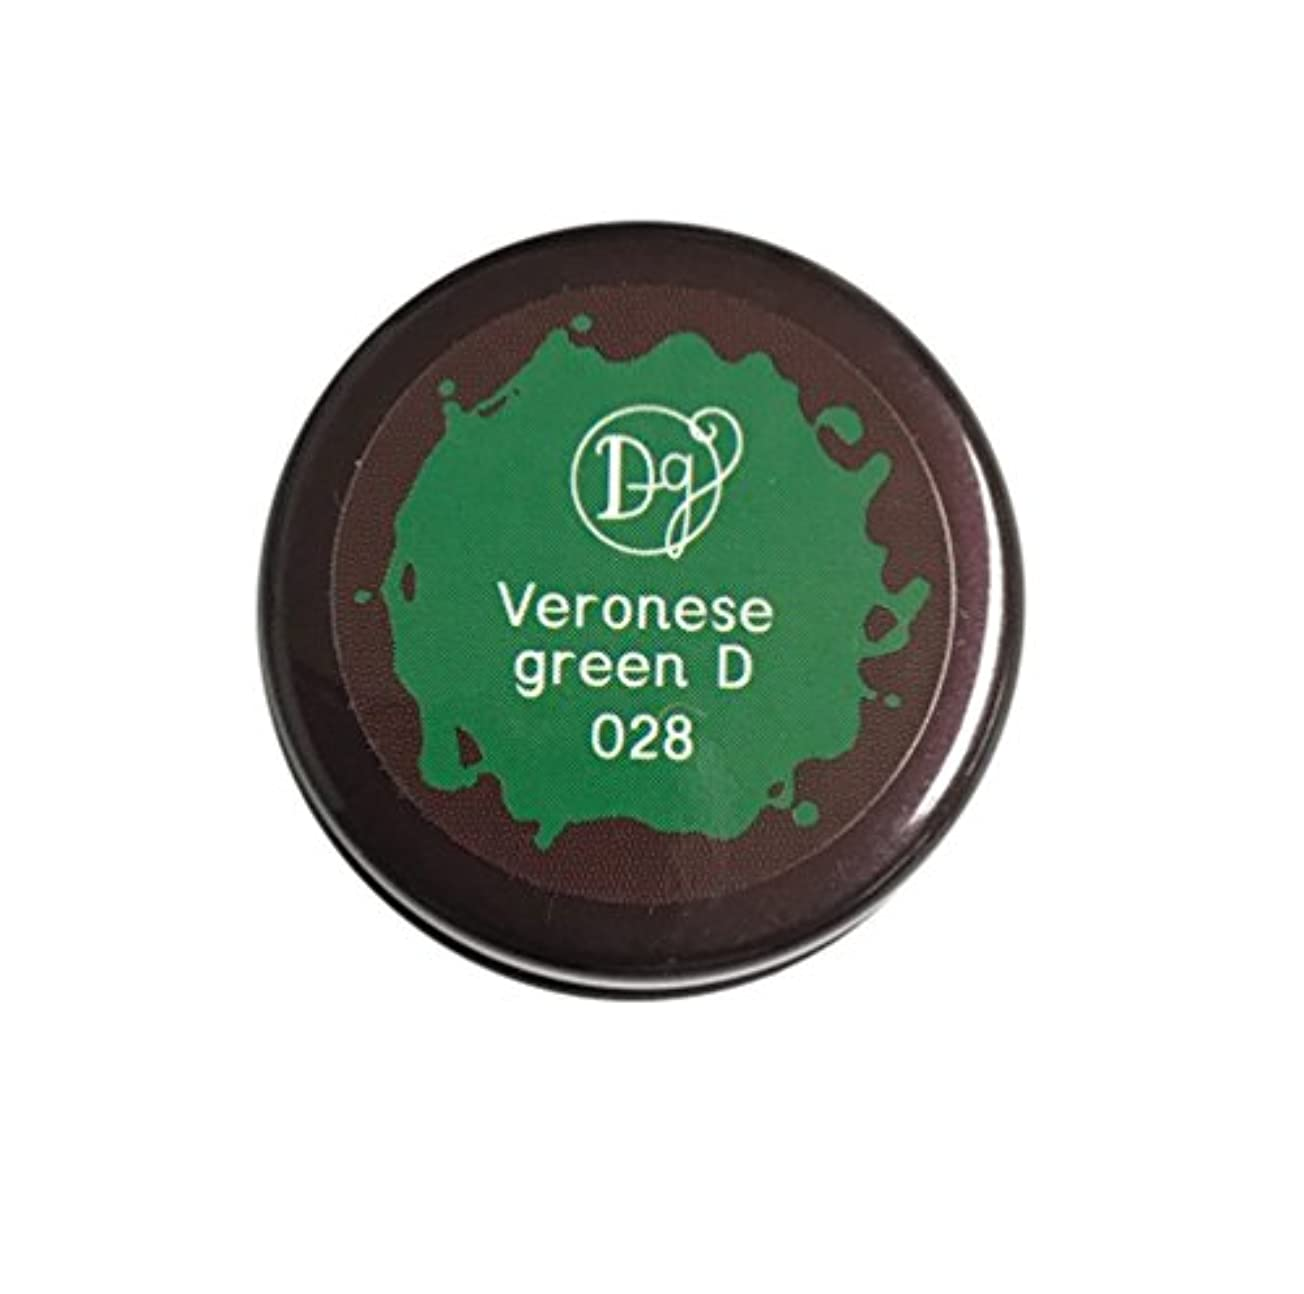 財団ハブお茶DECORA GIRL カラージェル #028 ヴェネローゼグリーンディープ